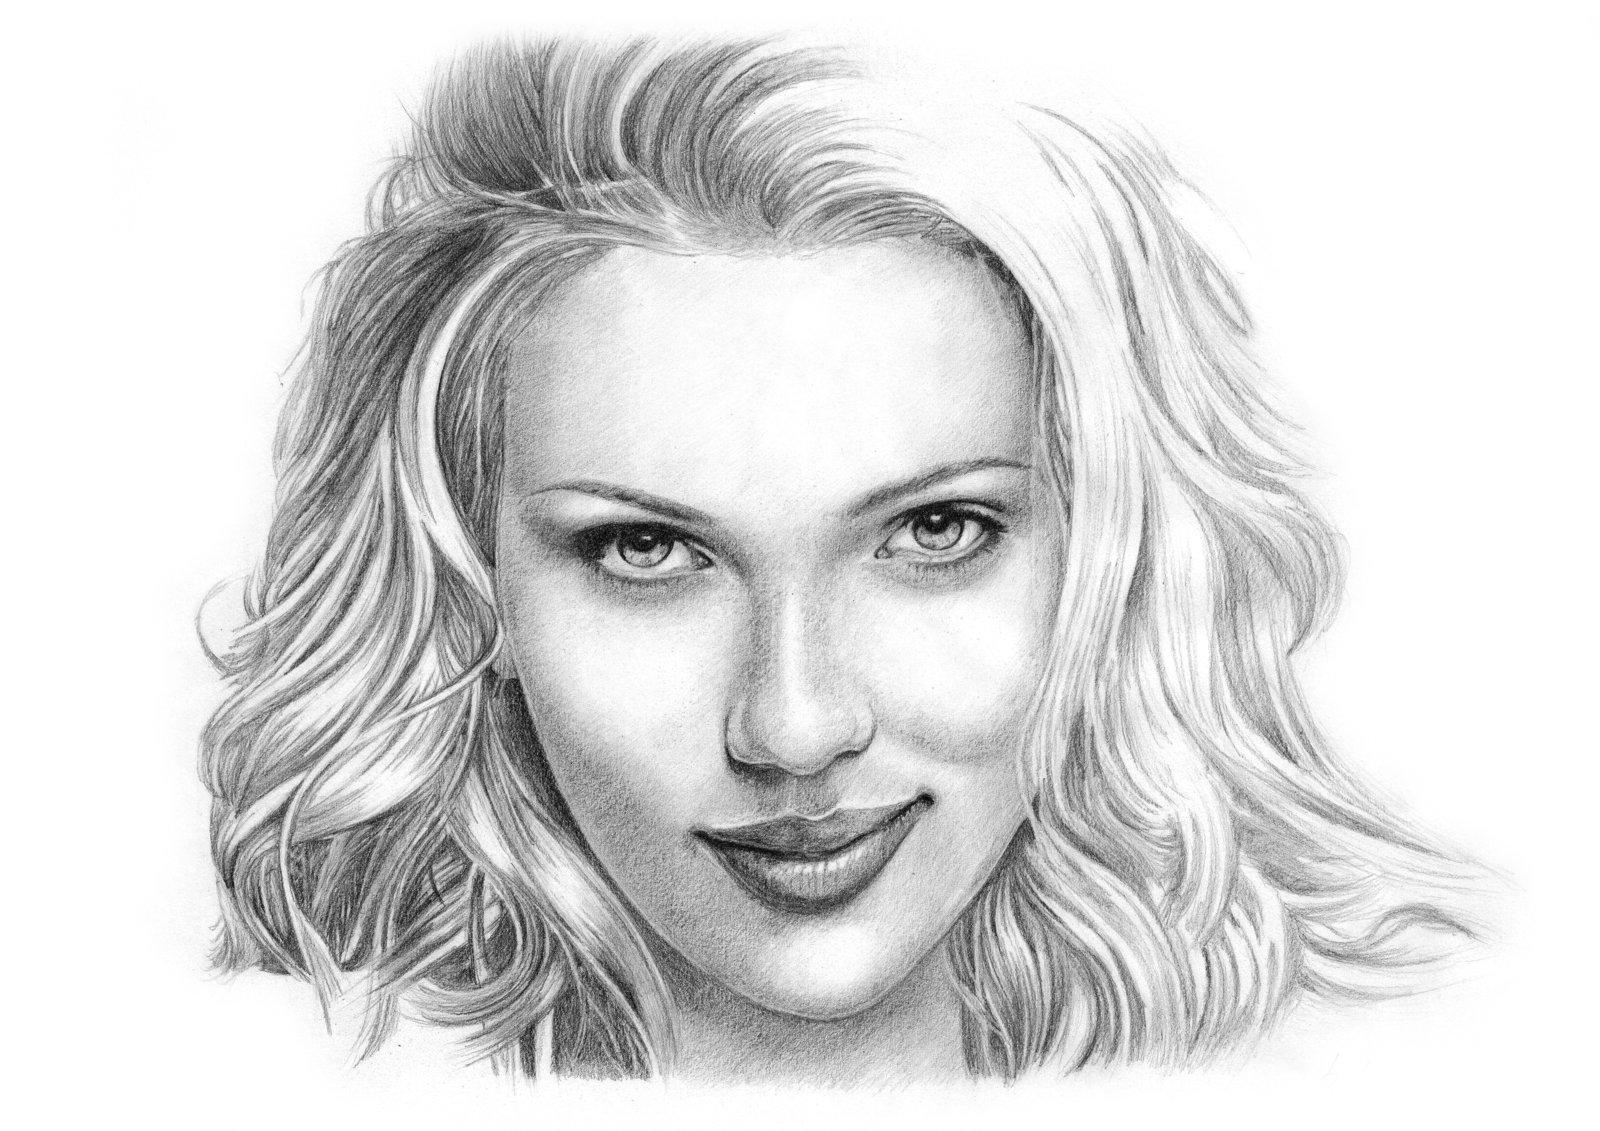 Drawn portrait Alien1design Lessons Portraiture on Johansson